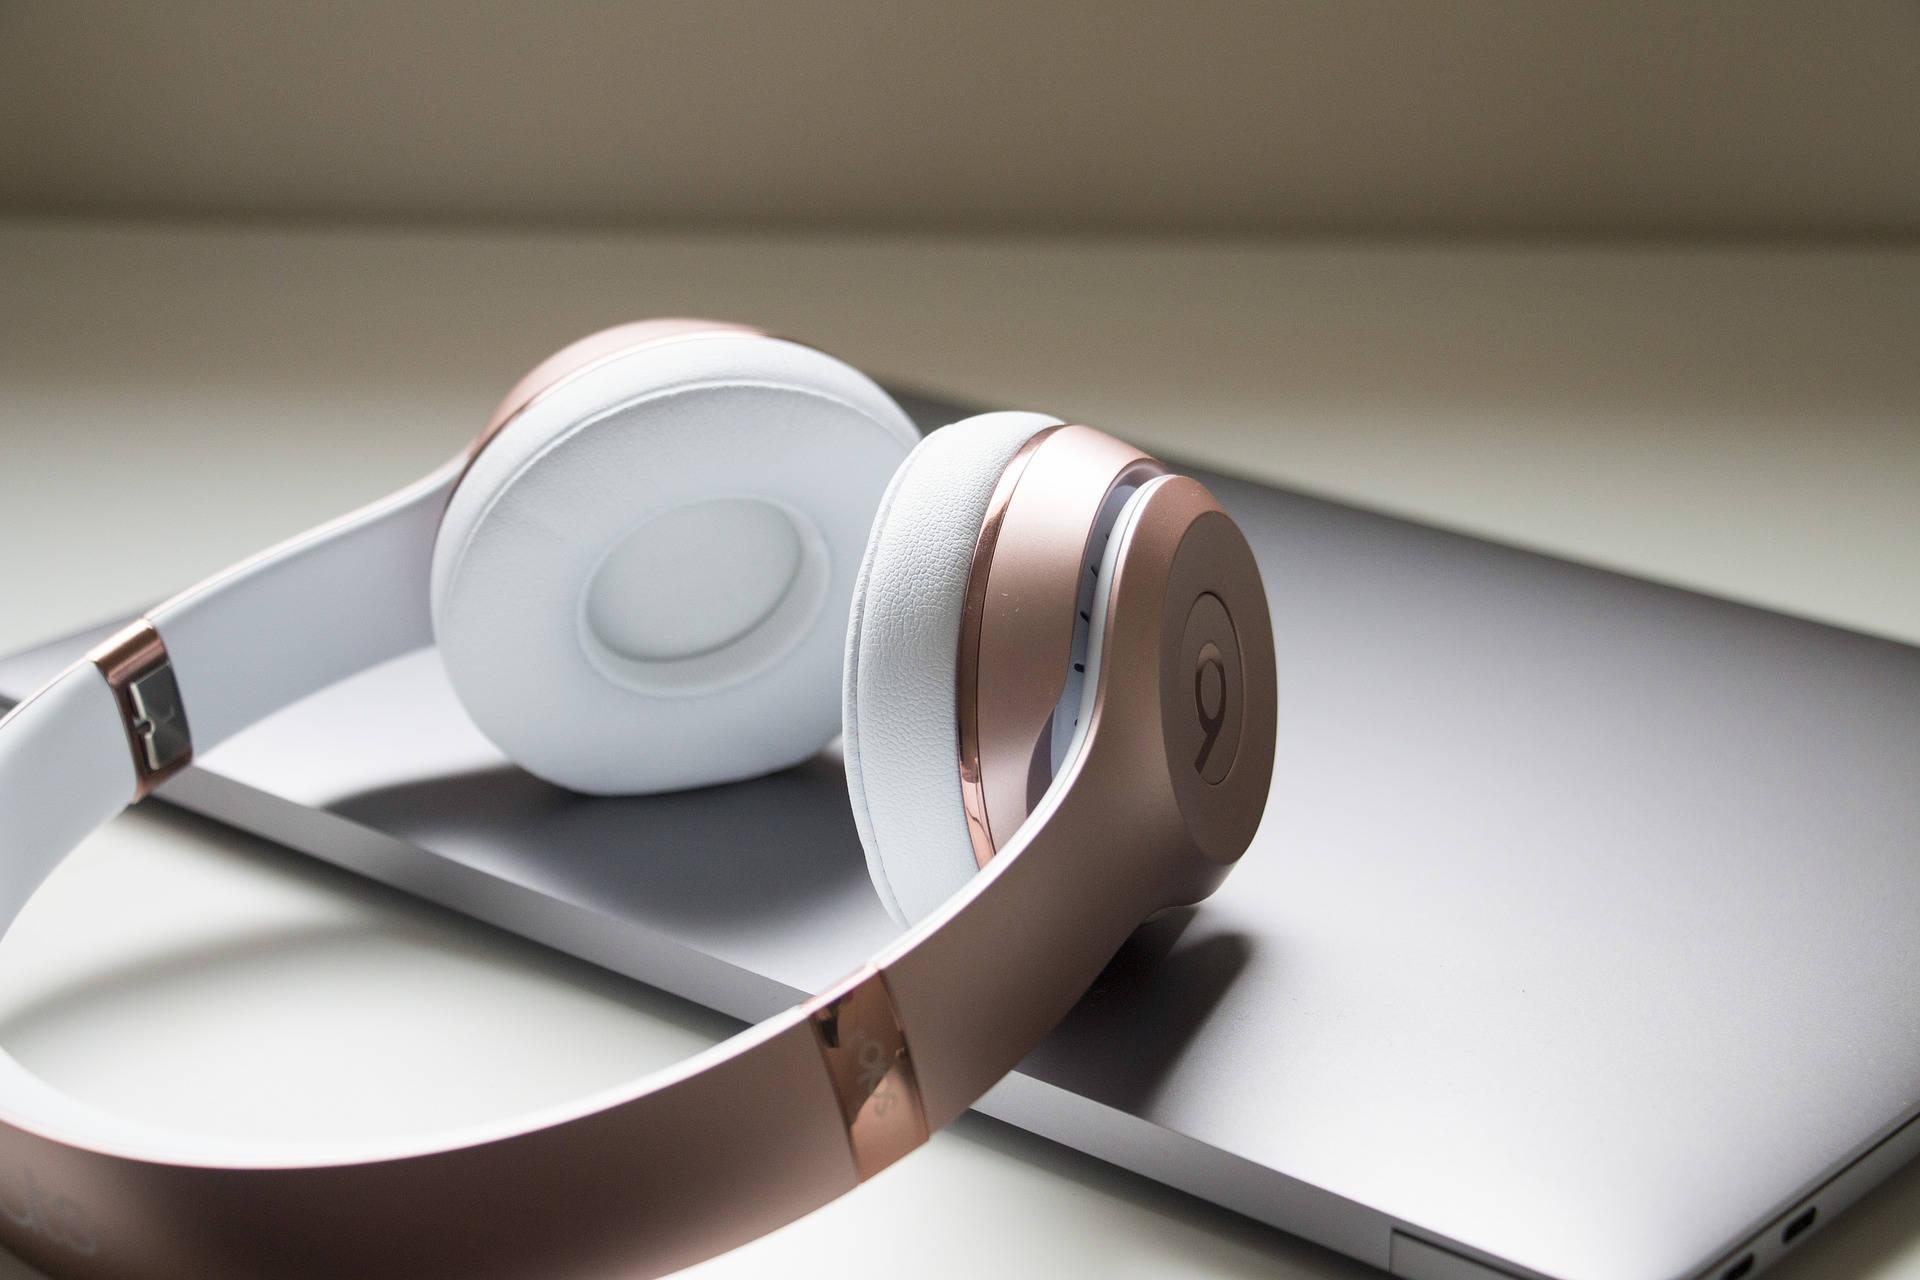 Sådan slutter du trådløse hovedtelefonertil Mac